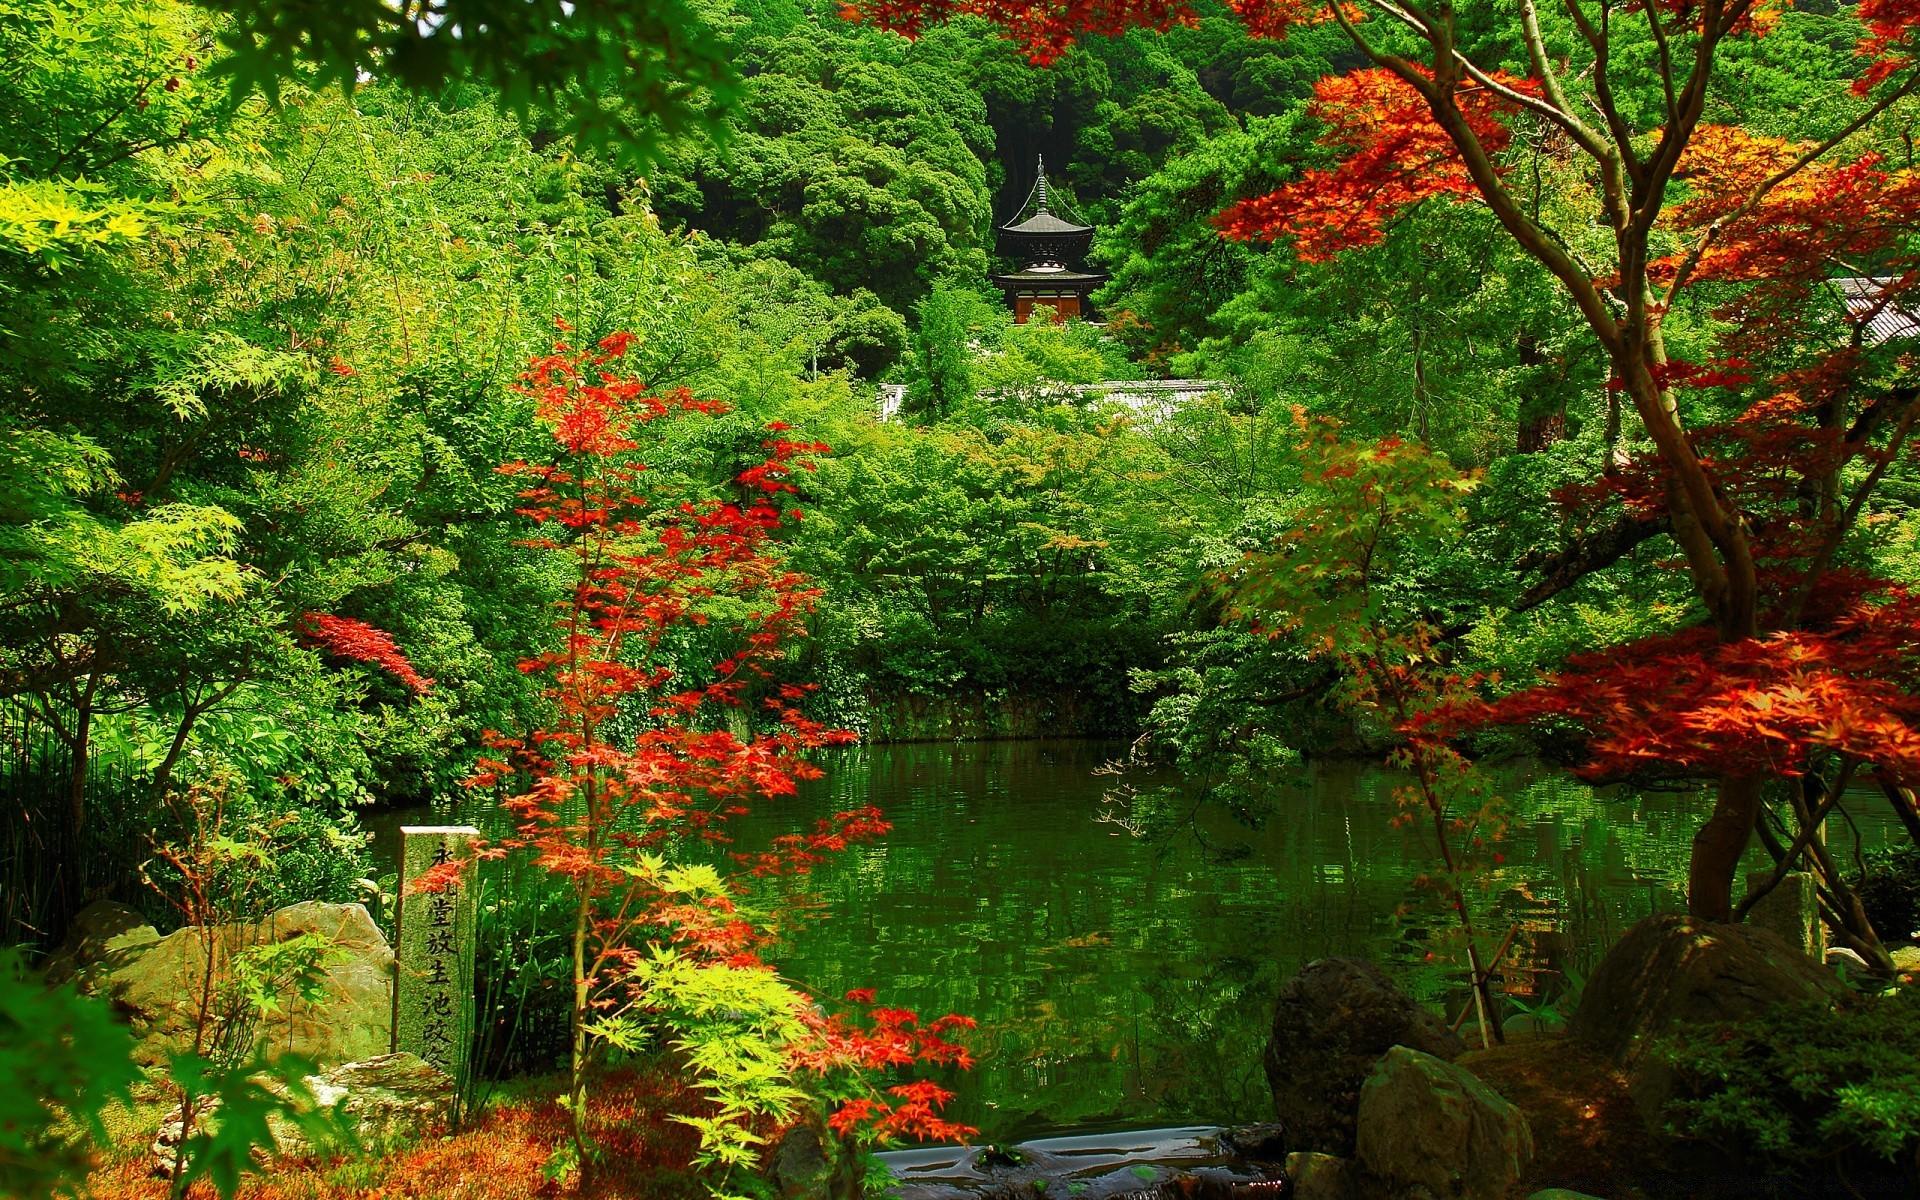 японский сад картинки для рабочего стола области